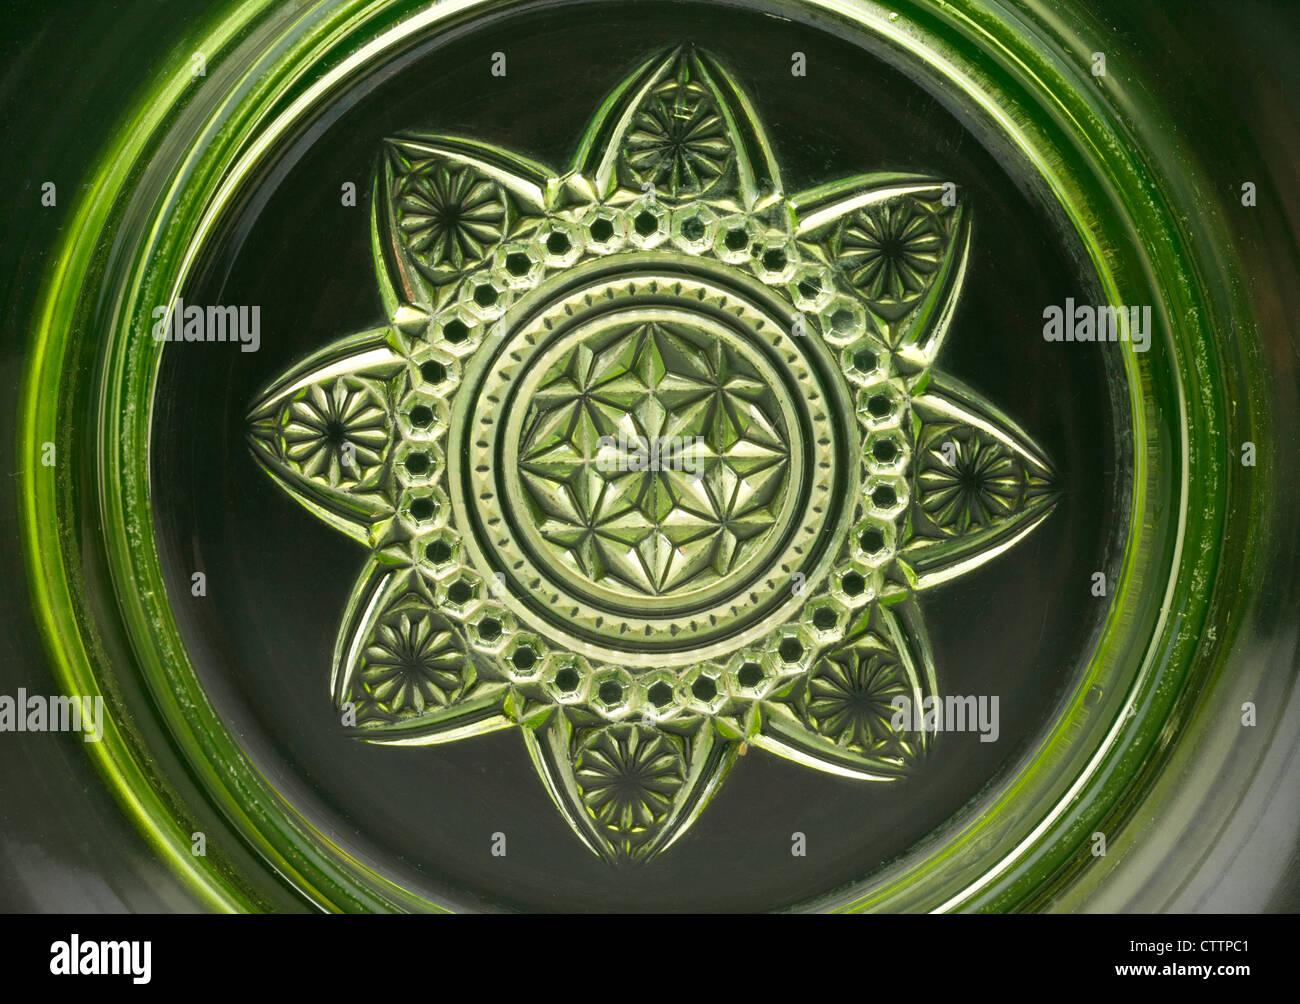 Fondo di un Ranson 'gold band' Vaselina 'uranio glass' round coperto piatto di burro prodotta dal Immagini Stock